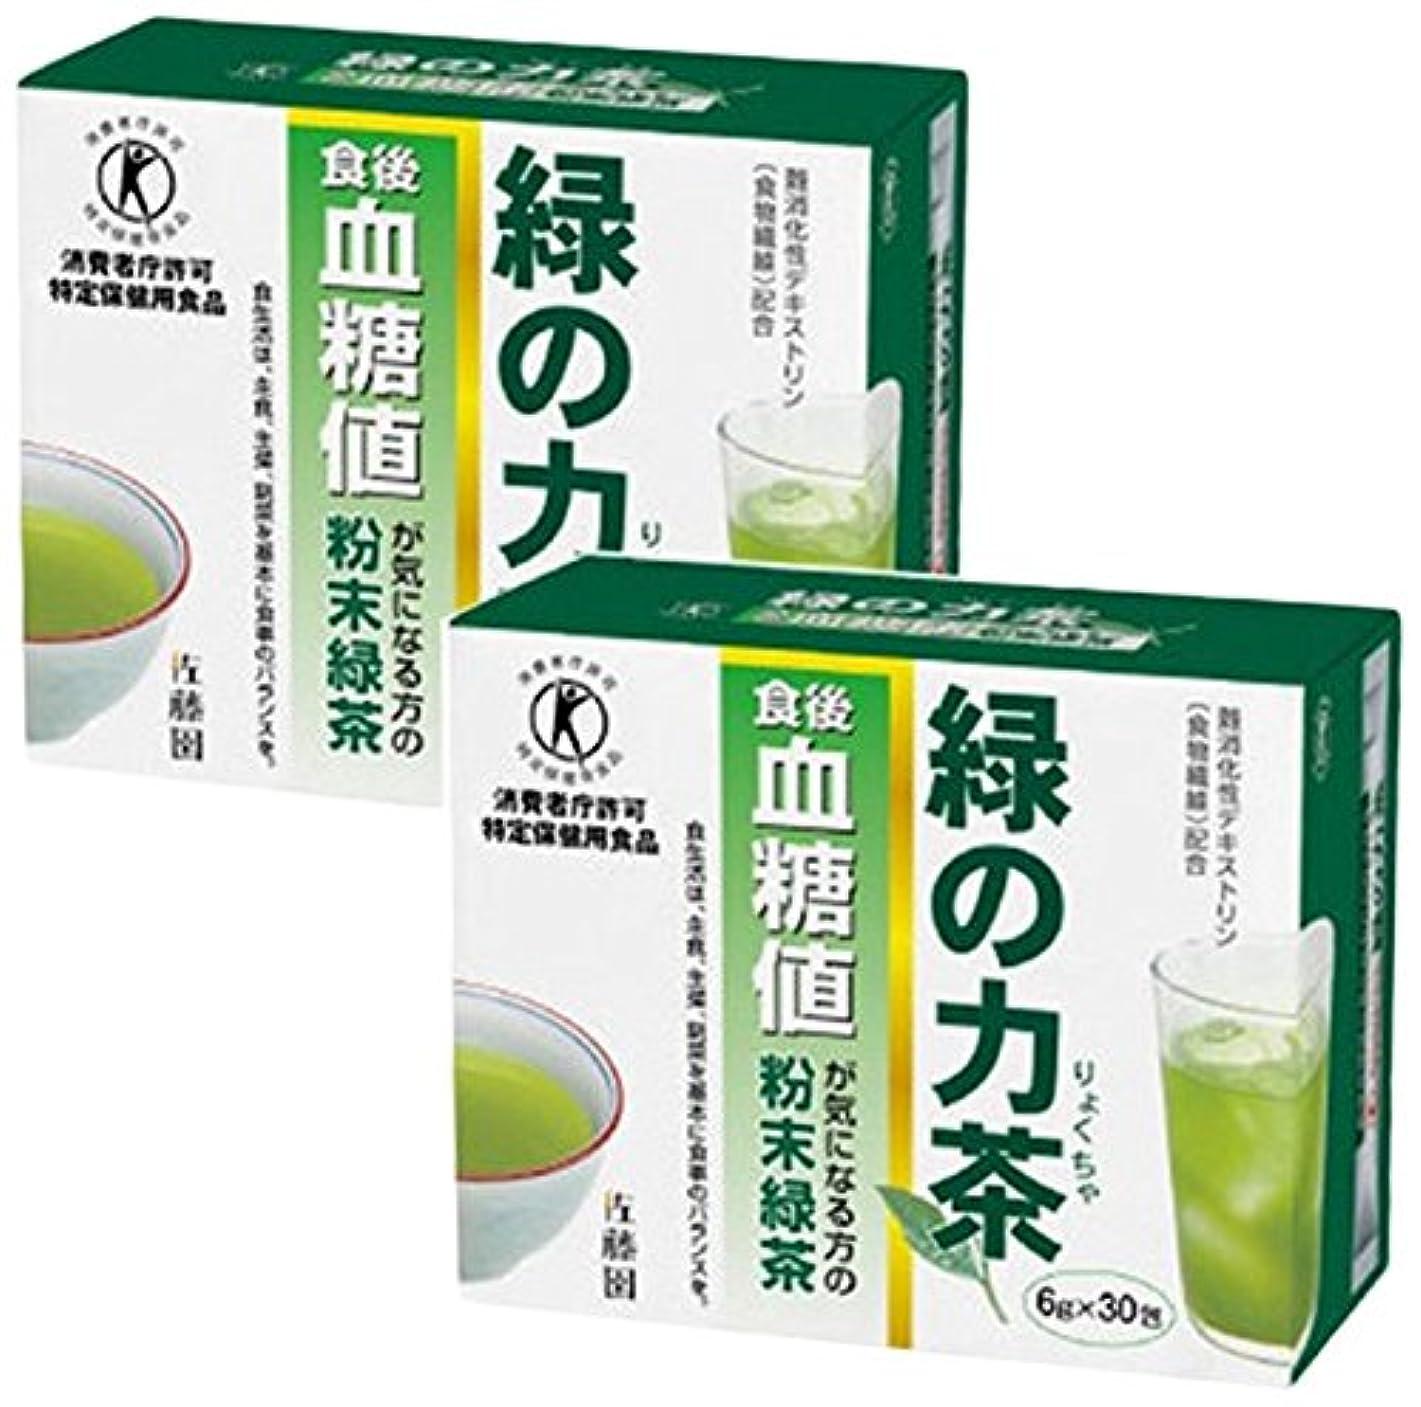 佐藤園のトクホのお茶 緑の力茶(血糖値) 30包 [特定保健用食品]